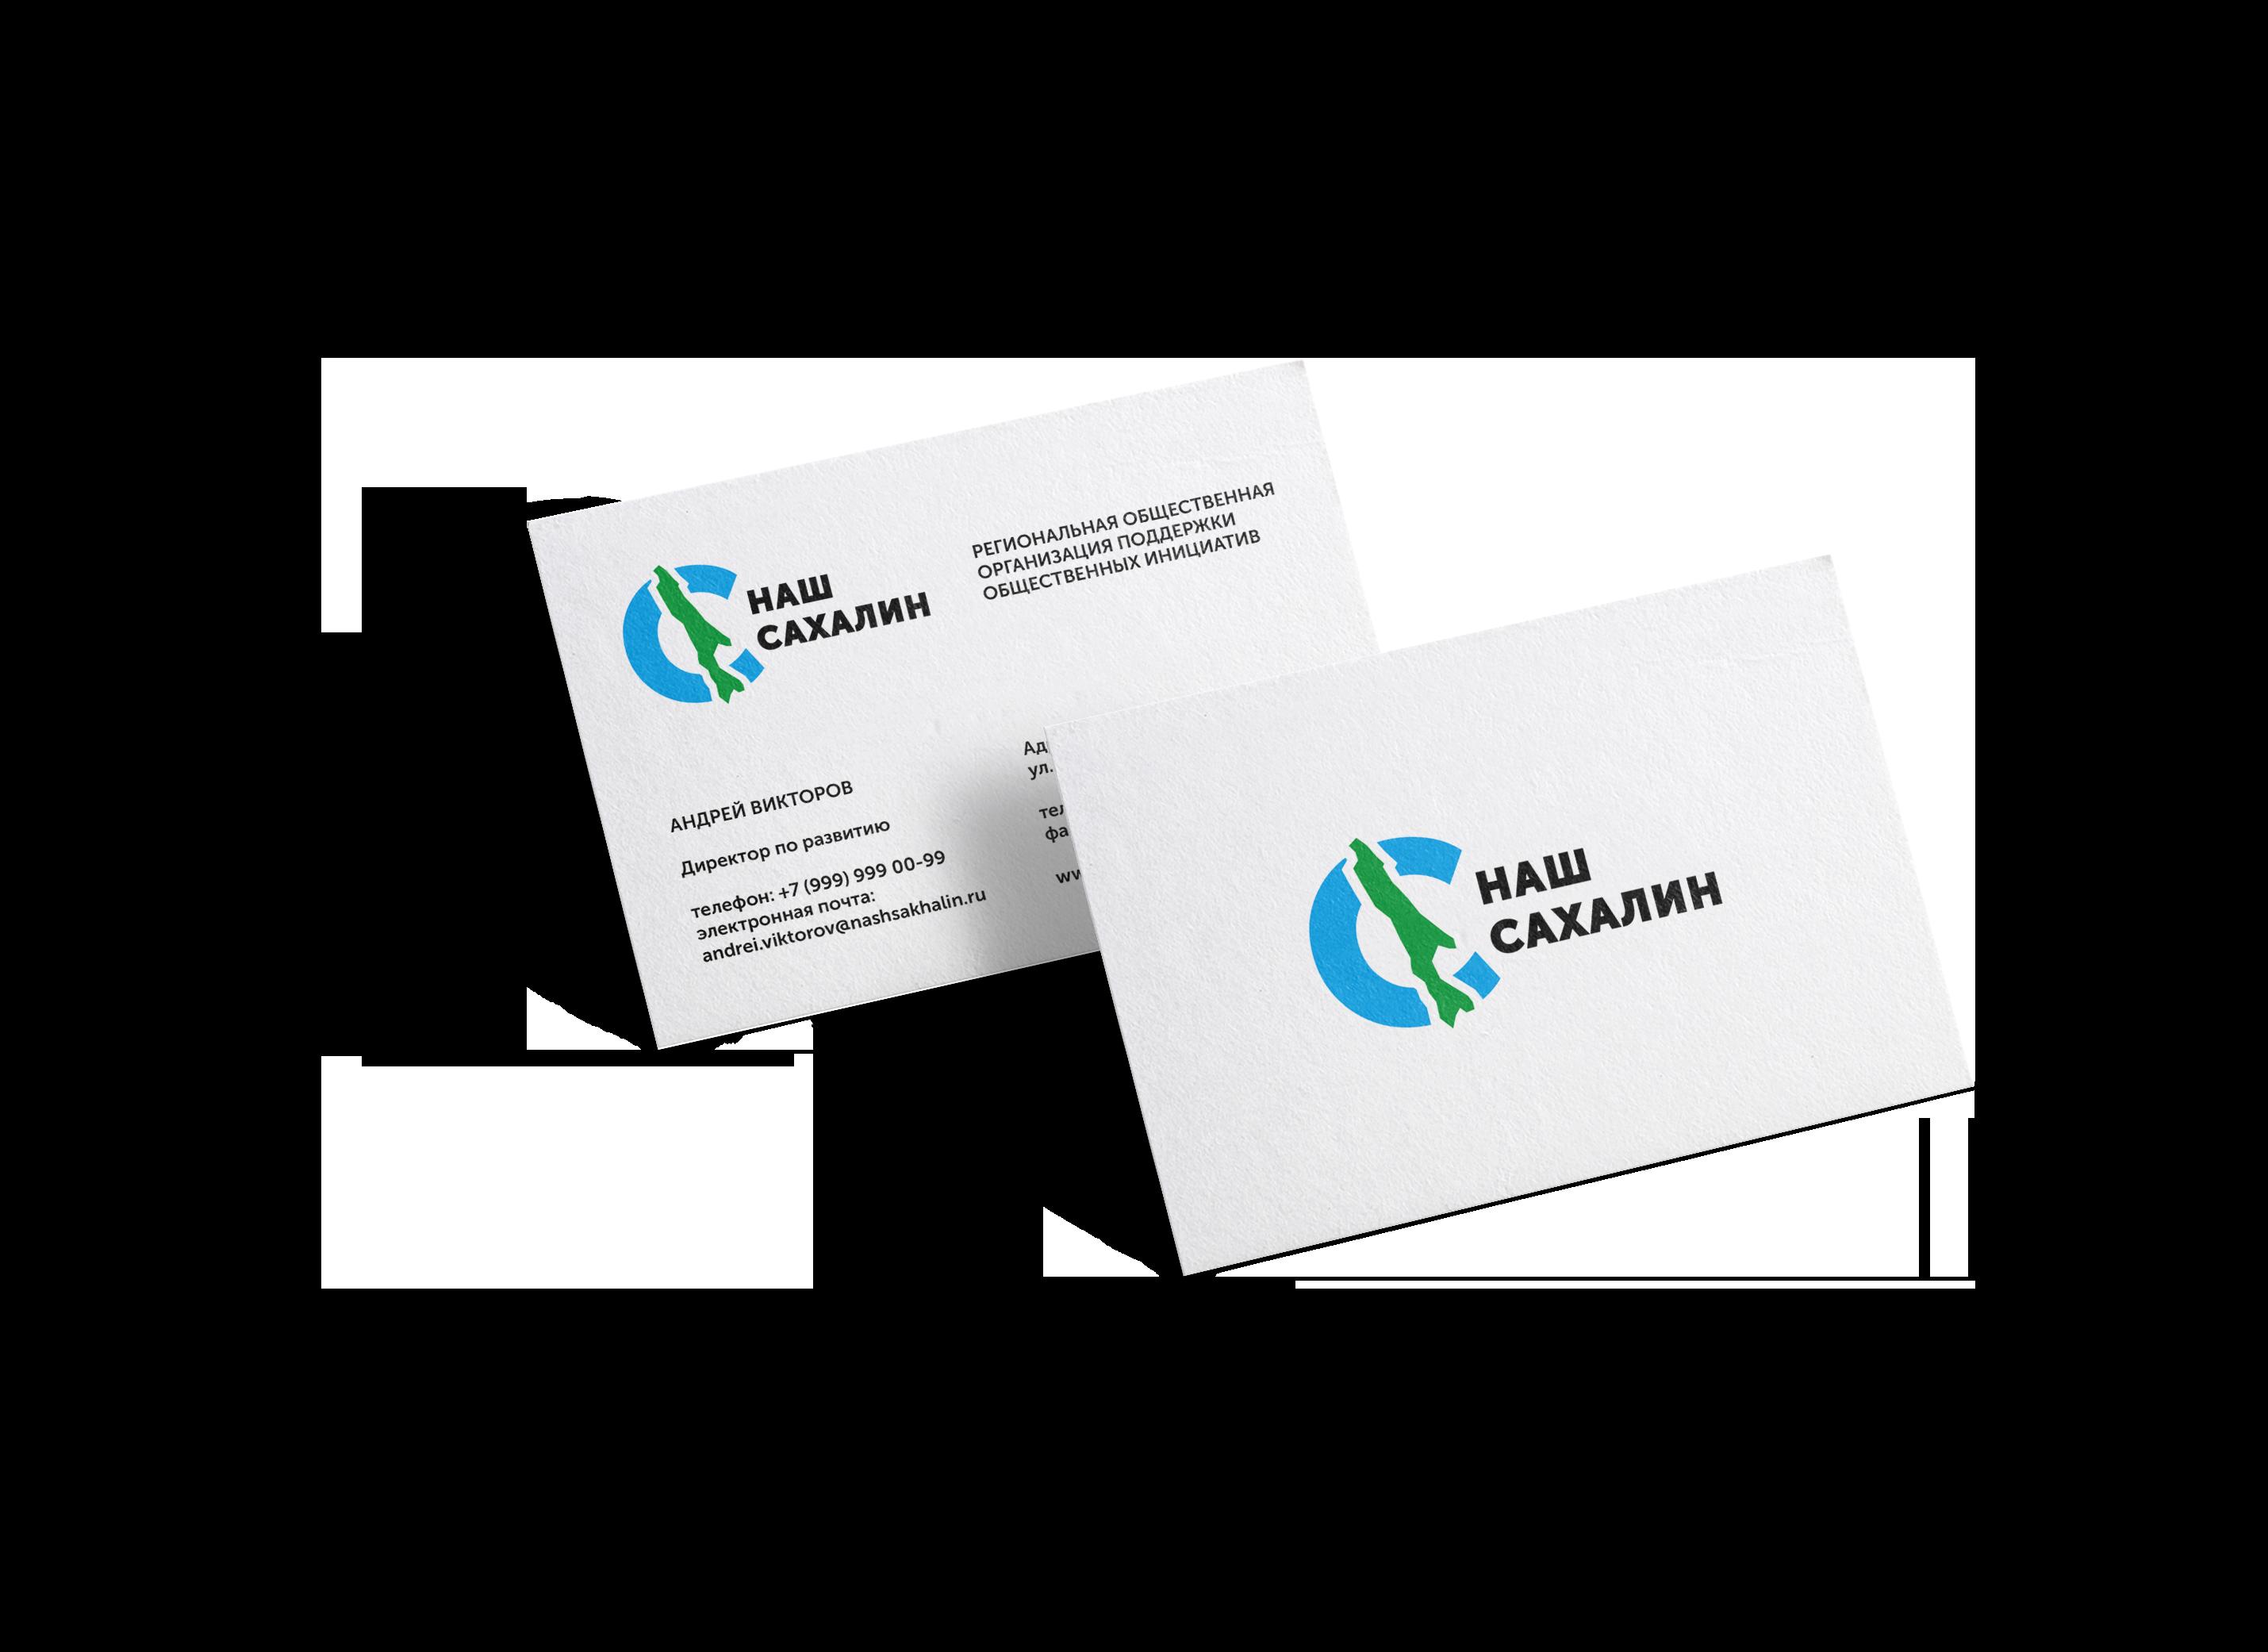 """Логотип для некоммерческой организации """"Наш Сахалин"""" фото f_2745a81a665d0e70.png"""